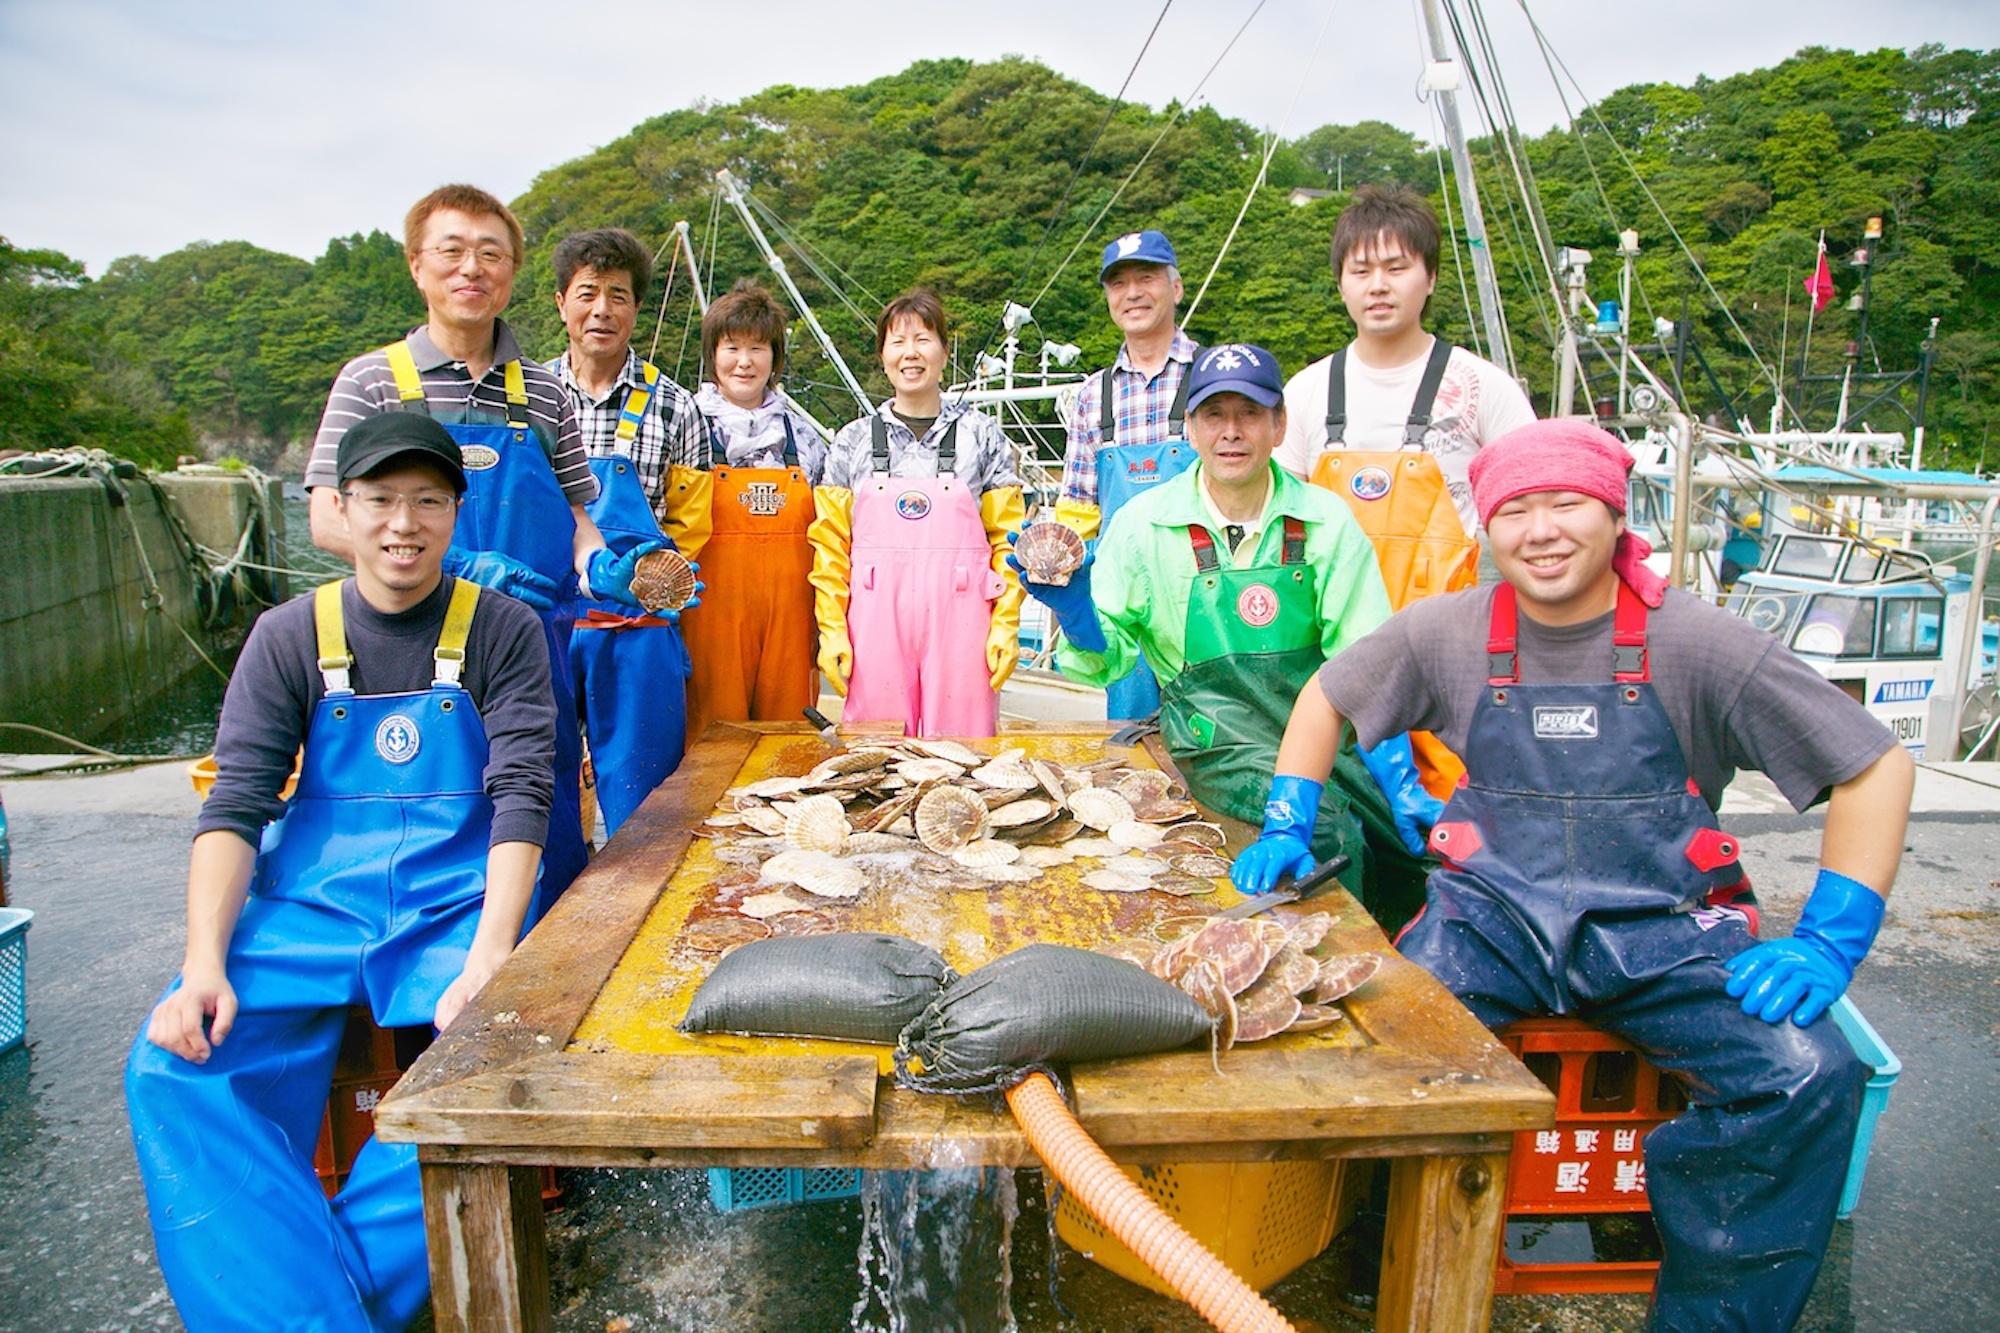 「漁師そのもののあり方を変える」 有言実行し続ける若手リーダー